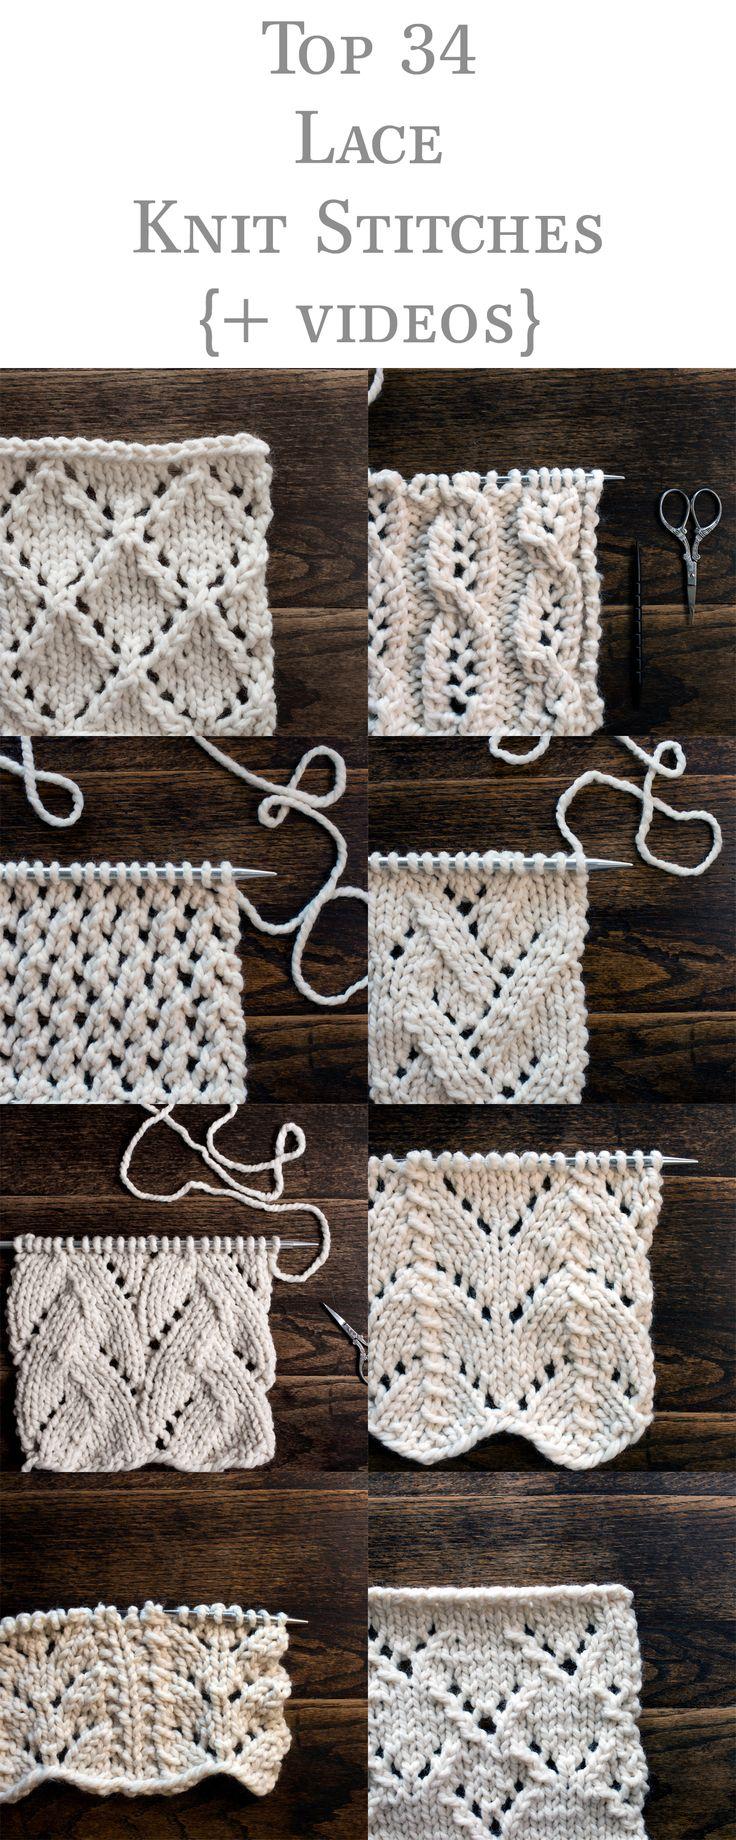 Top 34 Lace Knit Stitches Bundle